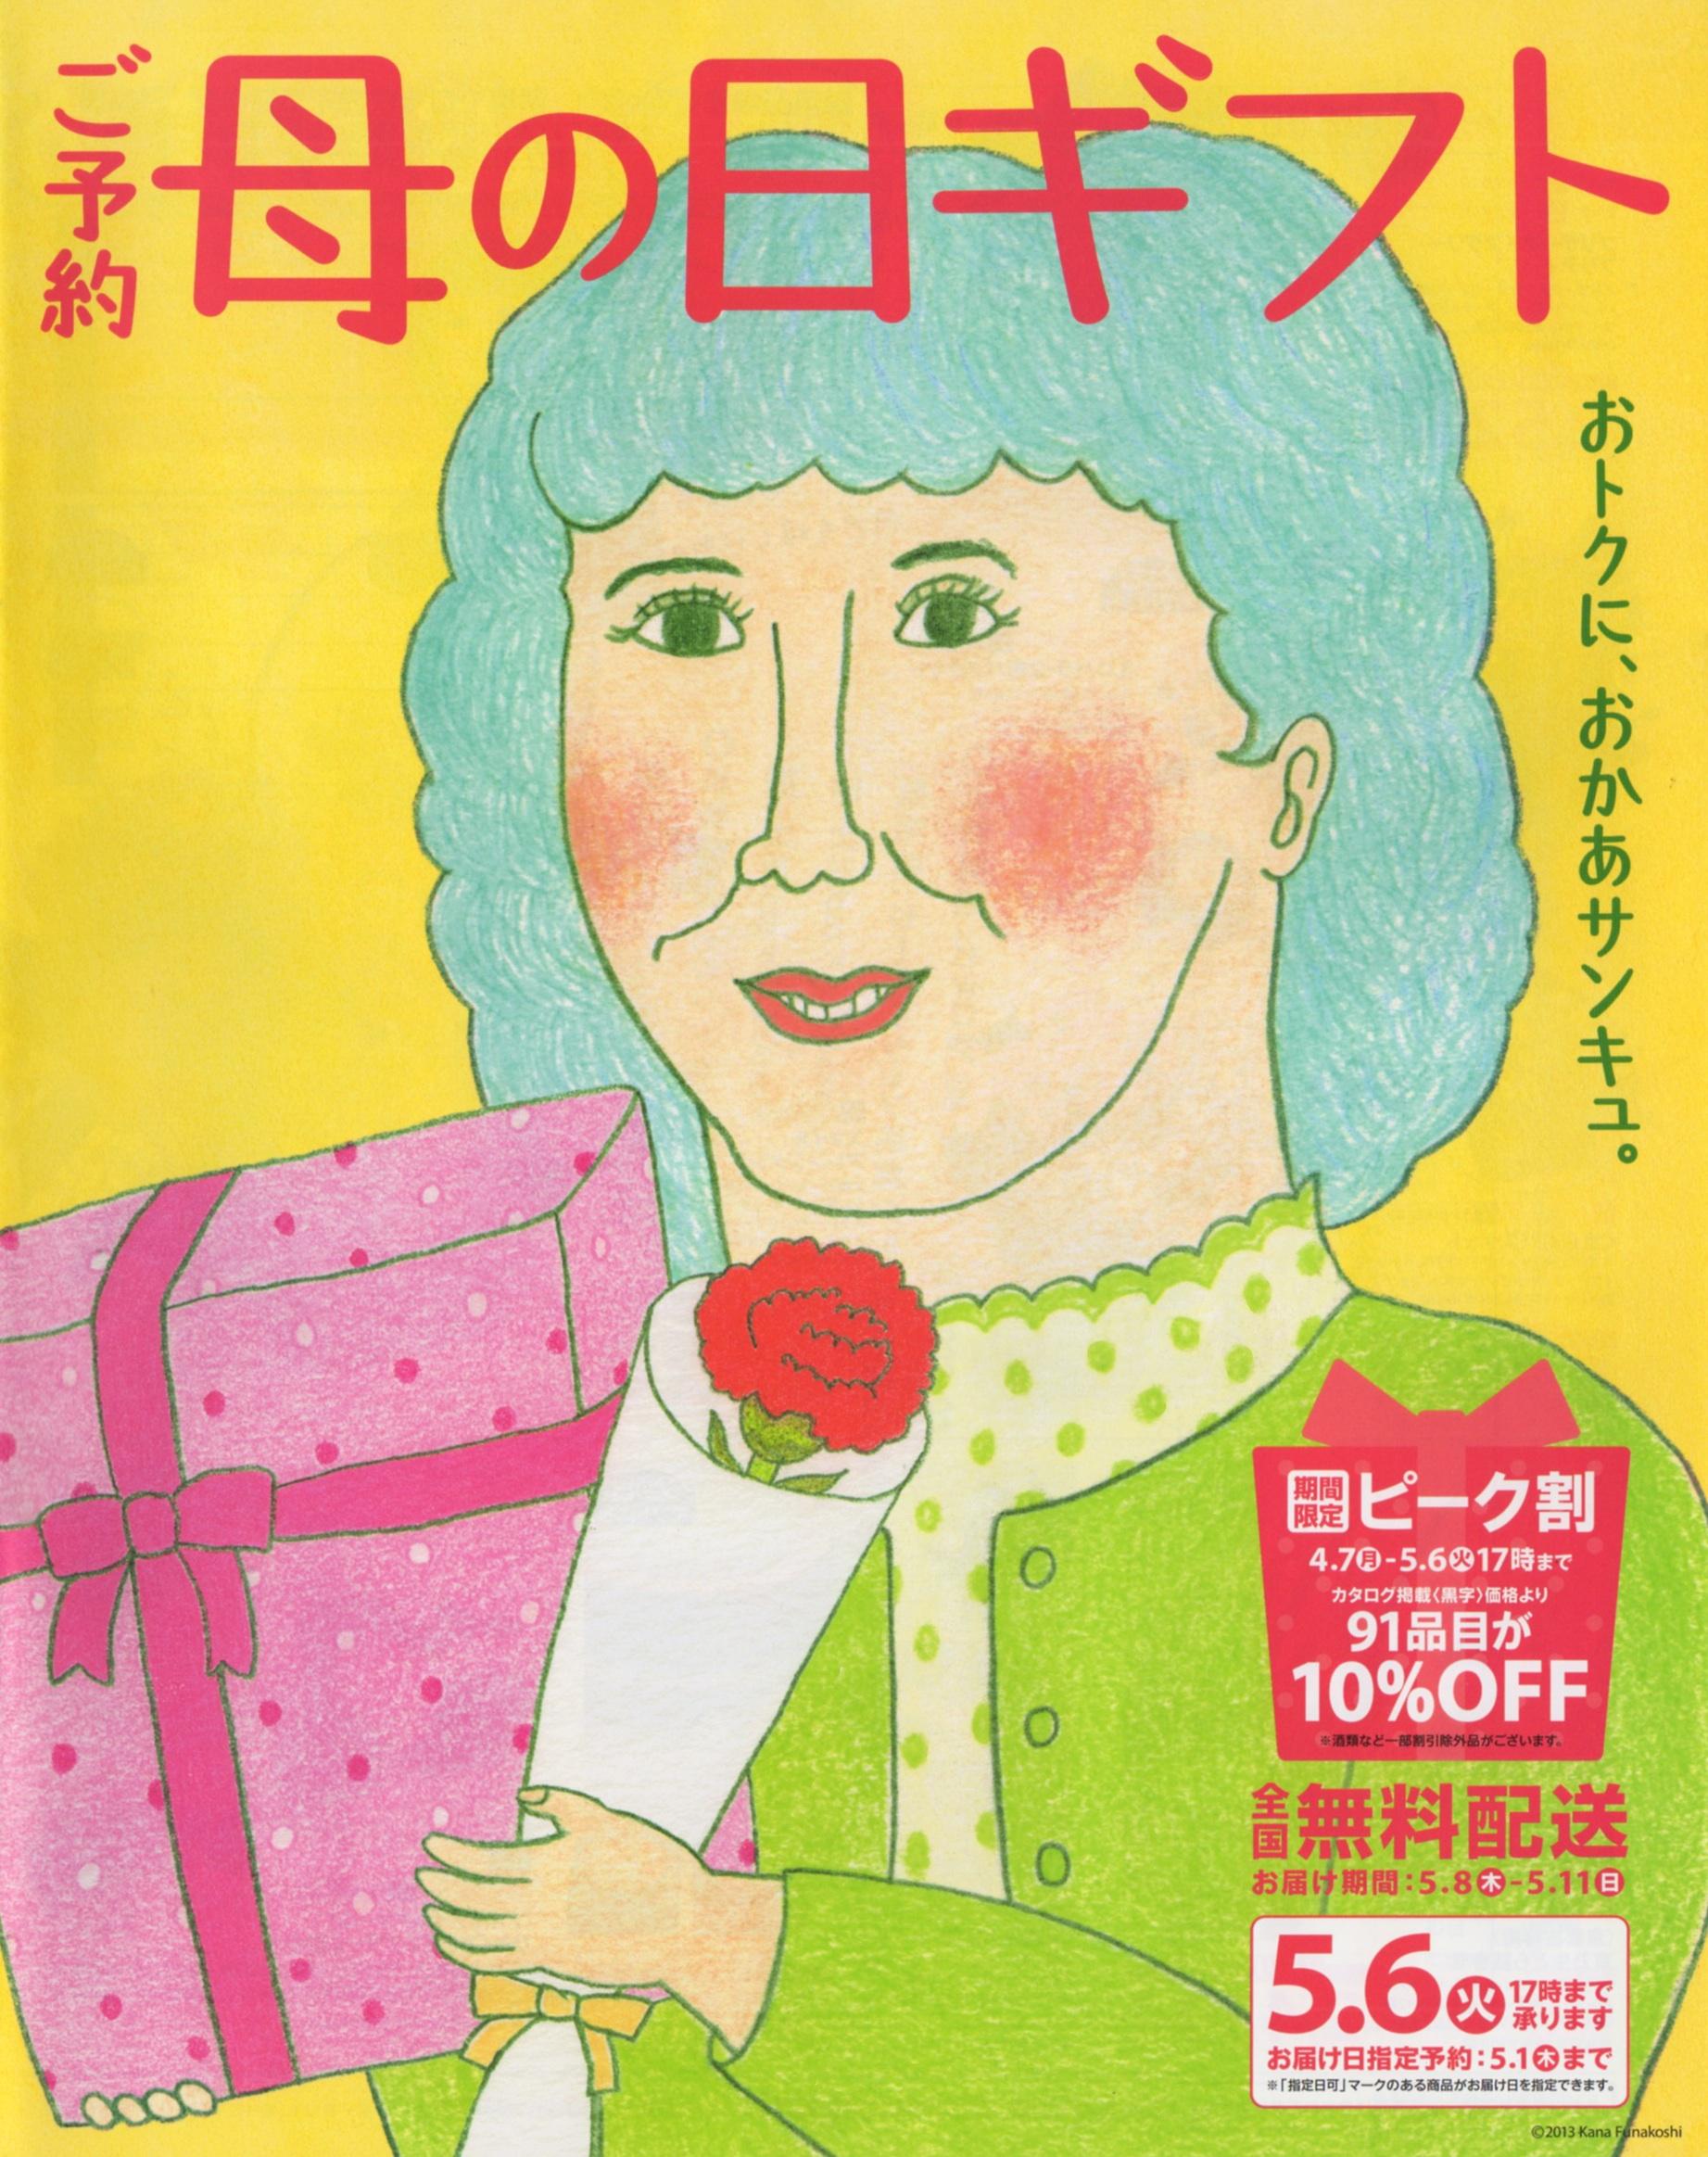 SEIYU母の日カタログ2014